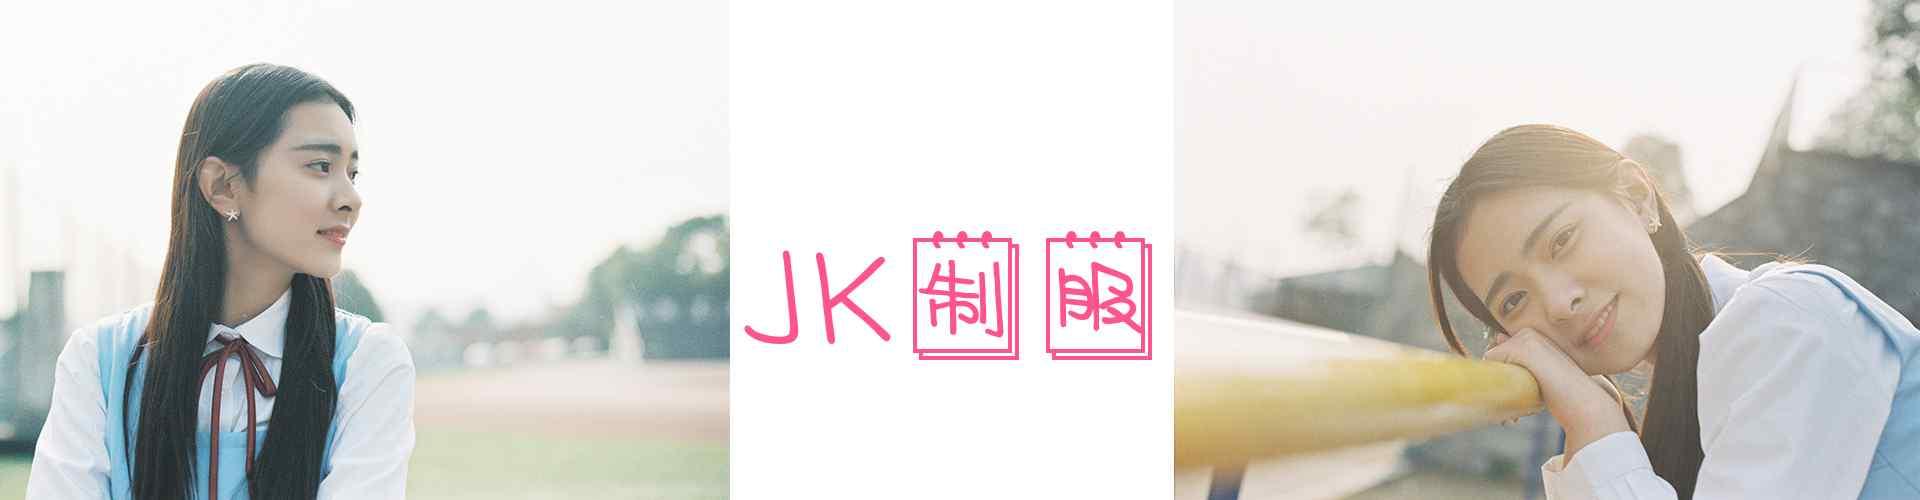 JK制服美女_JK制服图片_jk制服裙_jk制服科普_绝对领域_美女高清壁纸